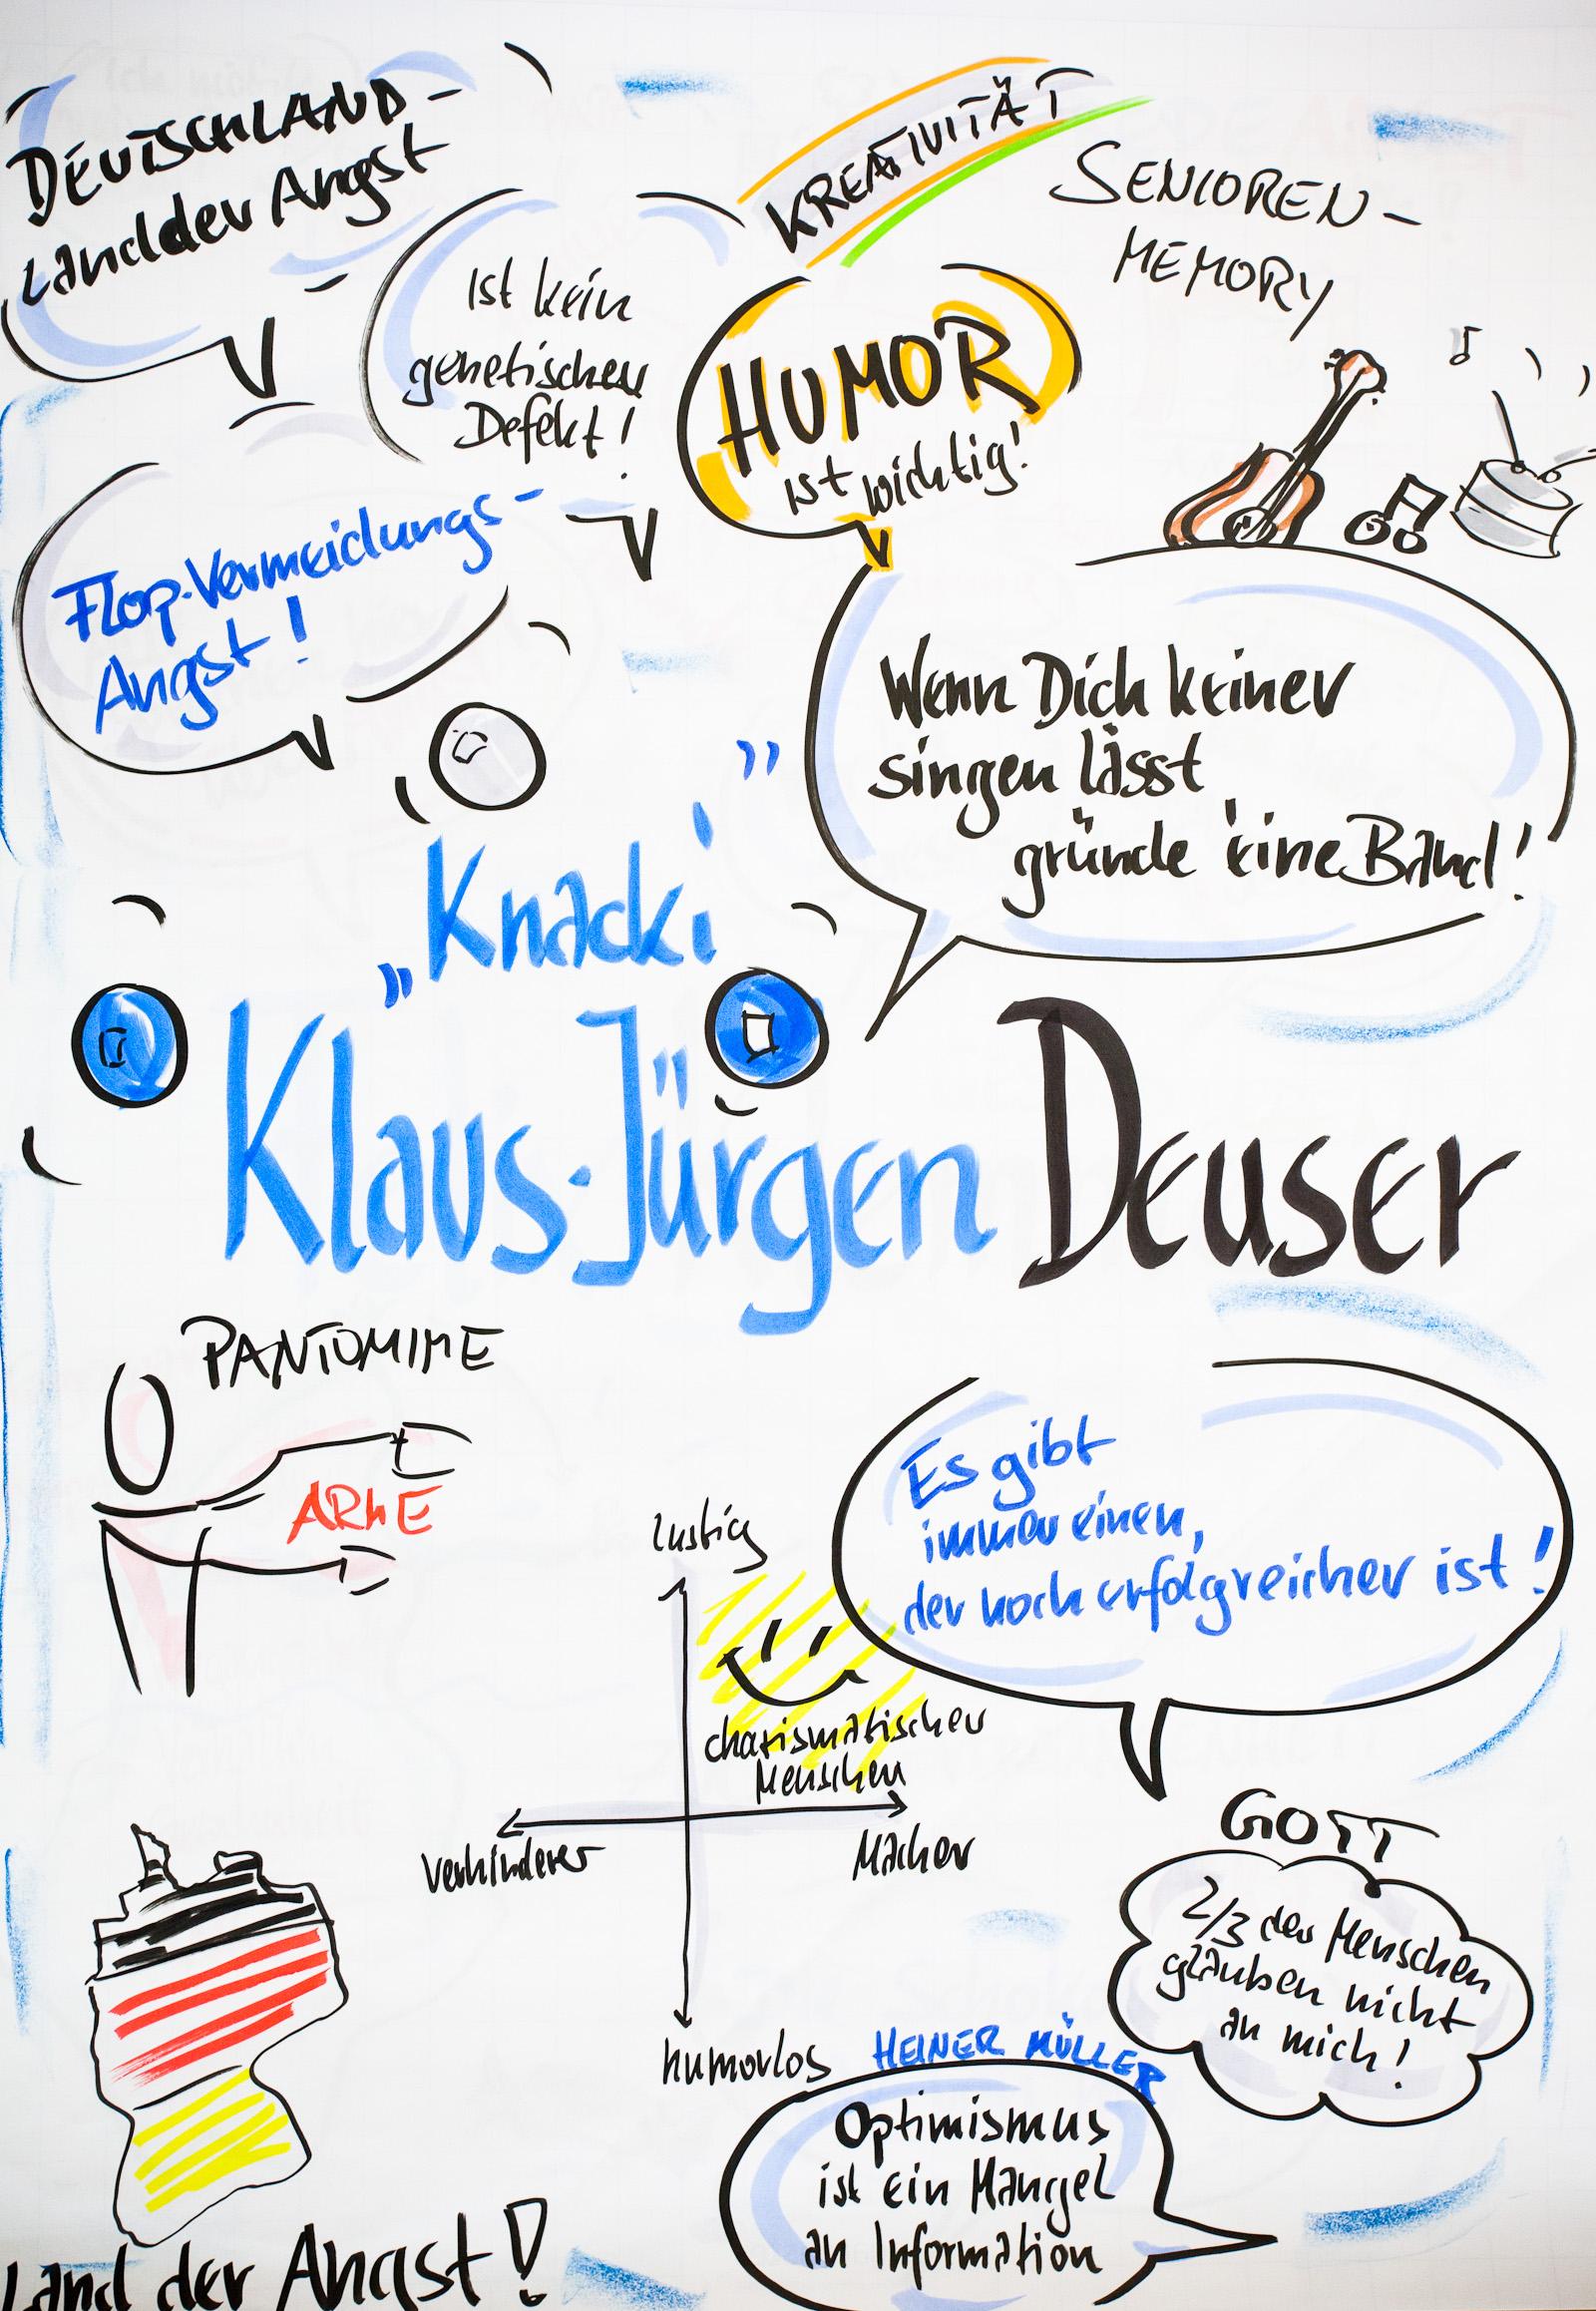 Schön Beste Zusammenfassung Der Website Galerie - Beispiel Business ...